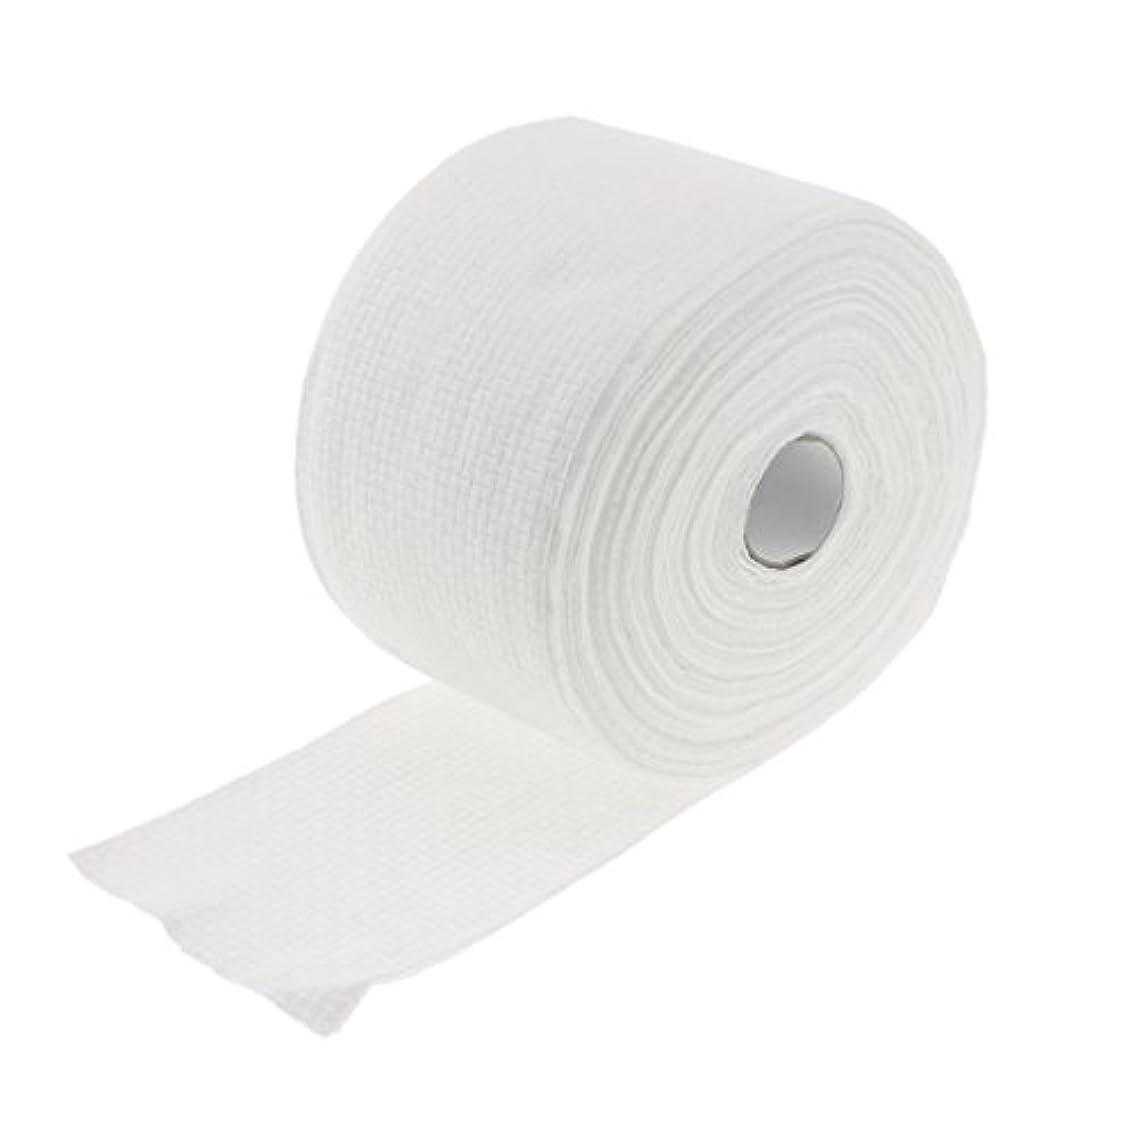 マンハッタン国民投票にもかかわらずロール式 使い捨て 洗顔タオル 使い捨てタオル 30M コットン 繊維 メイクリムーバー 2タイプ選べる - #1